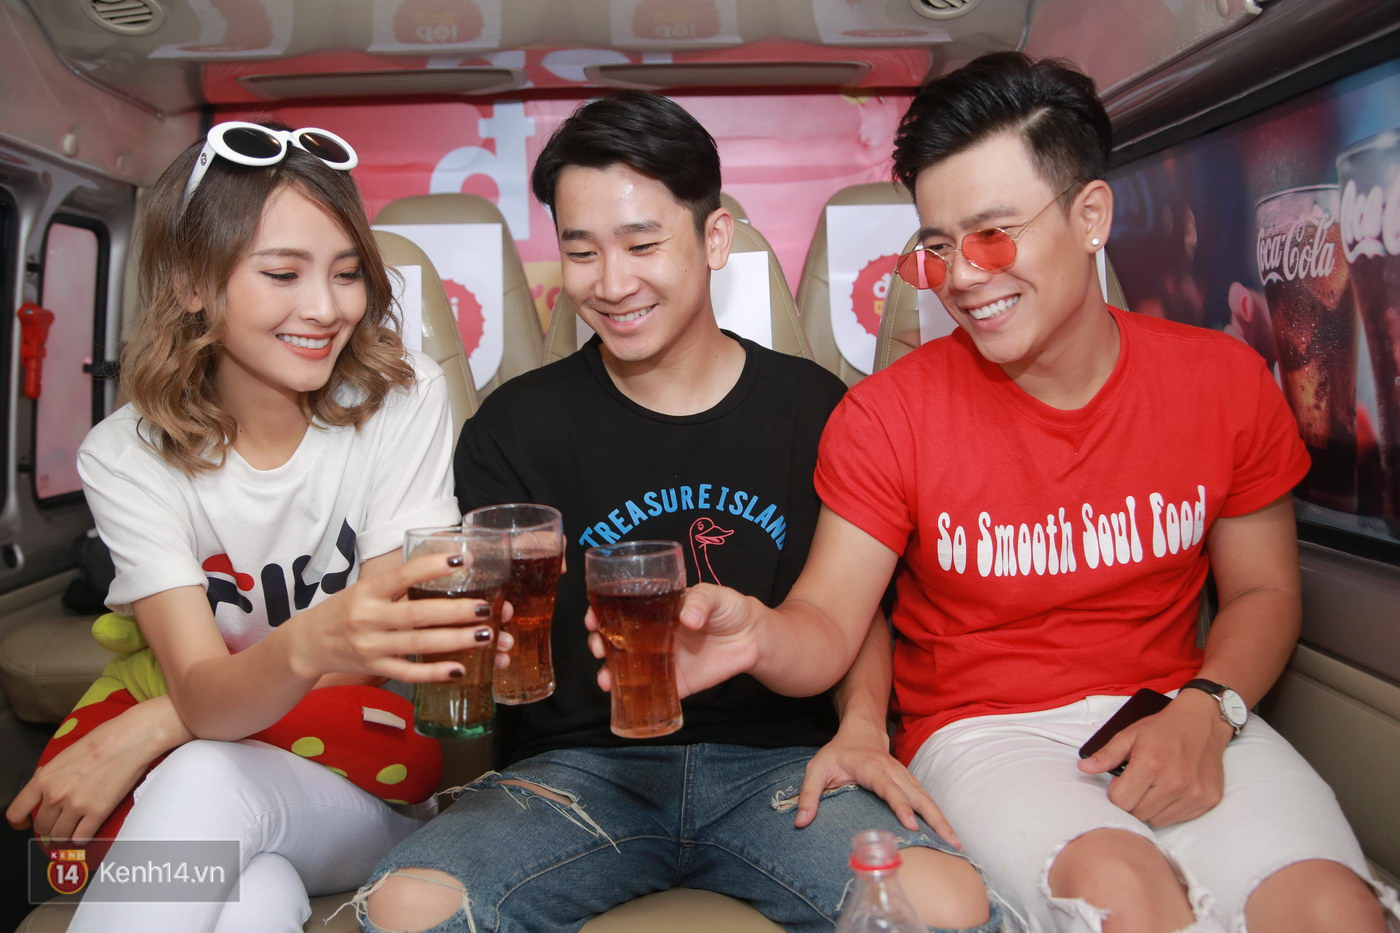 Đói Chưa Nhỉ: Theo chân 2 MC Bữa trưa vui vẻ tới quán phở nổi tiếng nhất Nam Định - Ảnh 1.